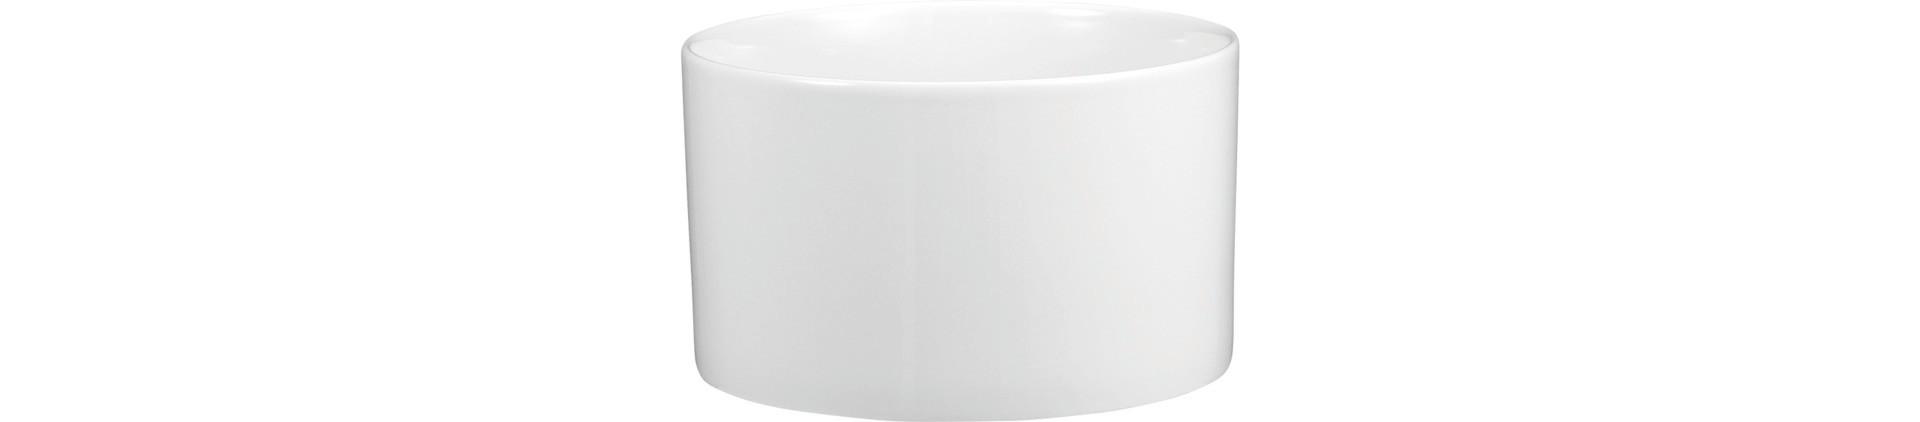 Buffet Gourmet, Frischedose Unterteil ø 180 mm / 2,00 l